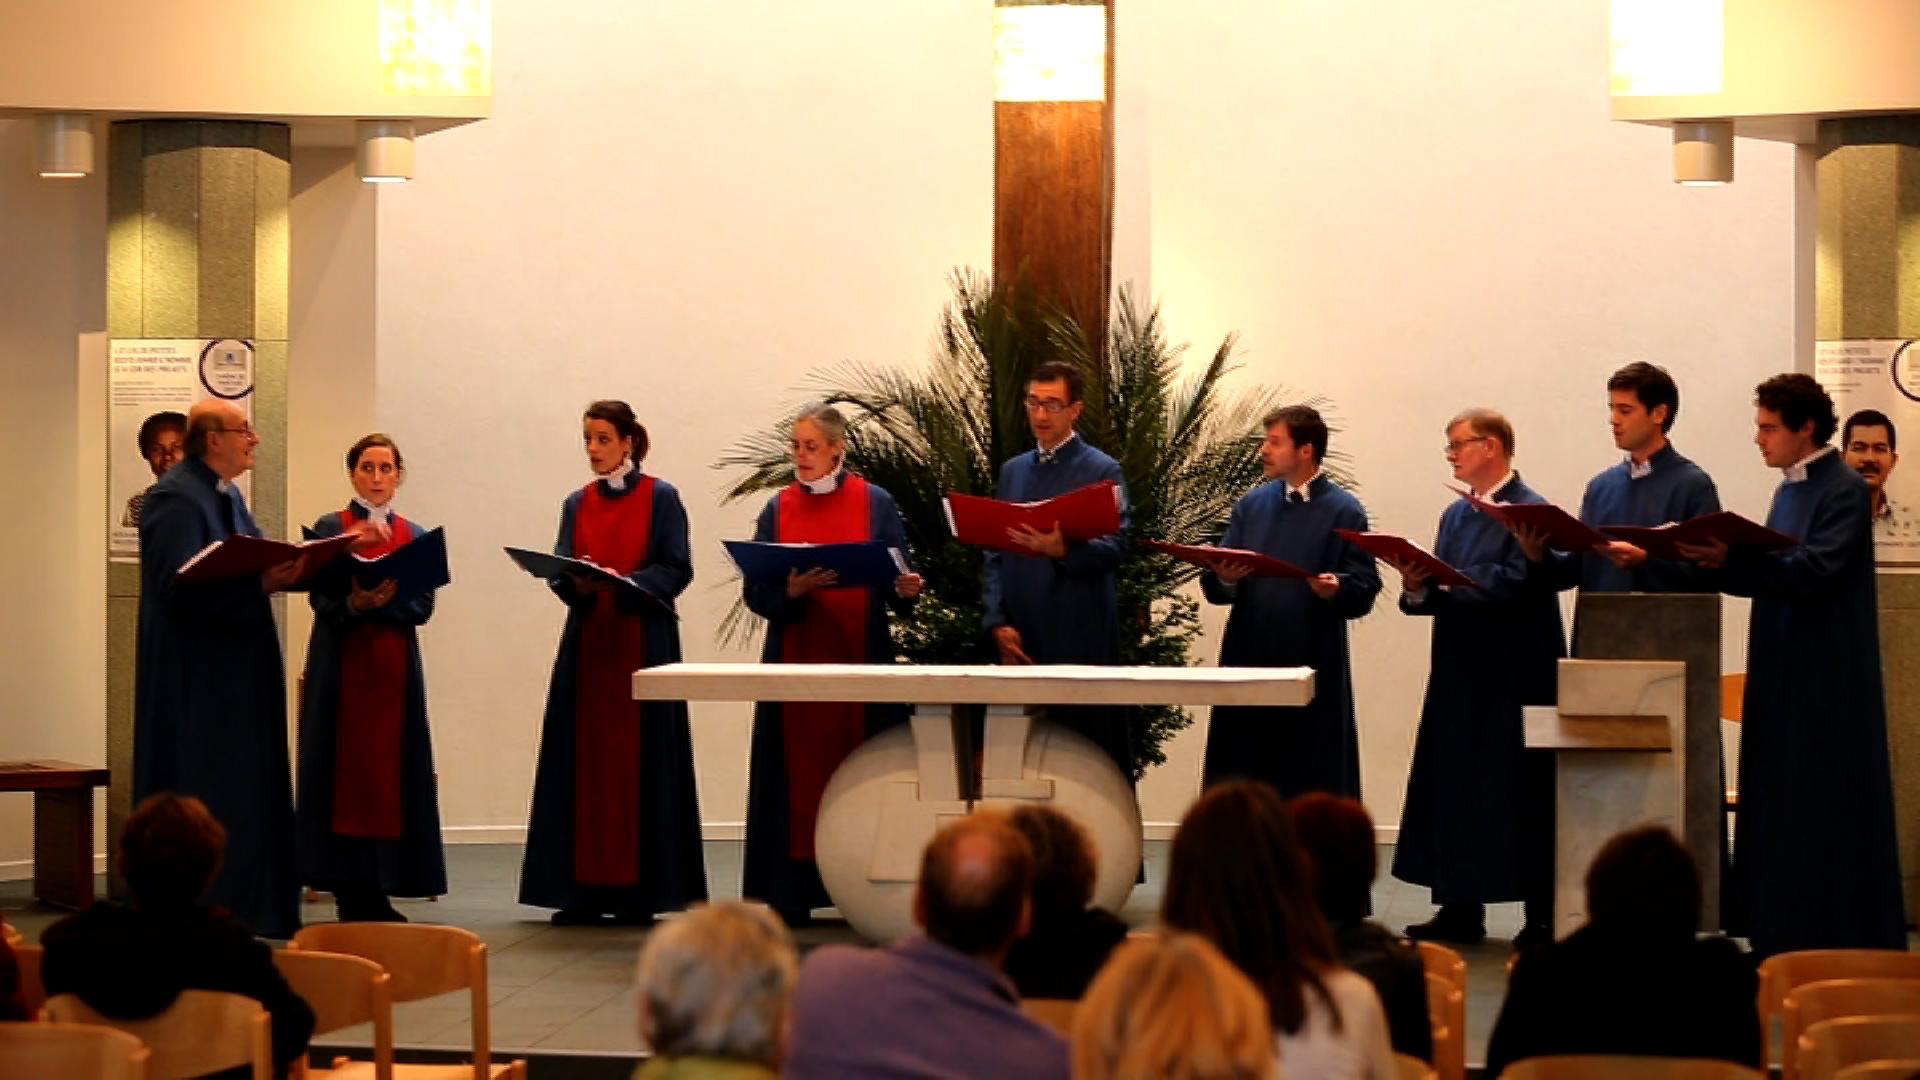 Recital at Notre-Dame d'Espérance